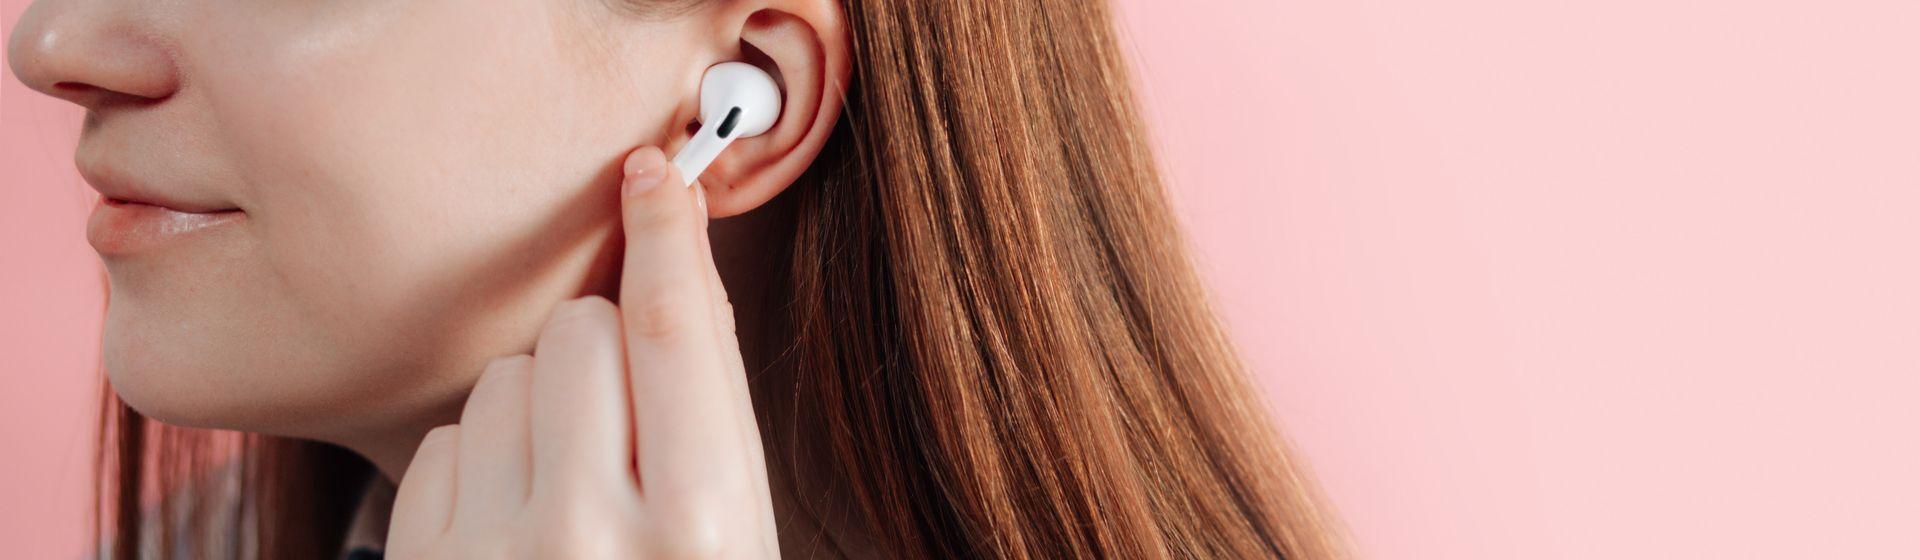 Fone de ouvido Bluetooth: veja as melhores opções para comprar em 2021